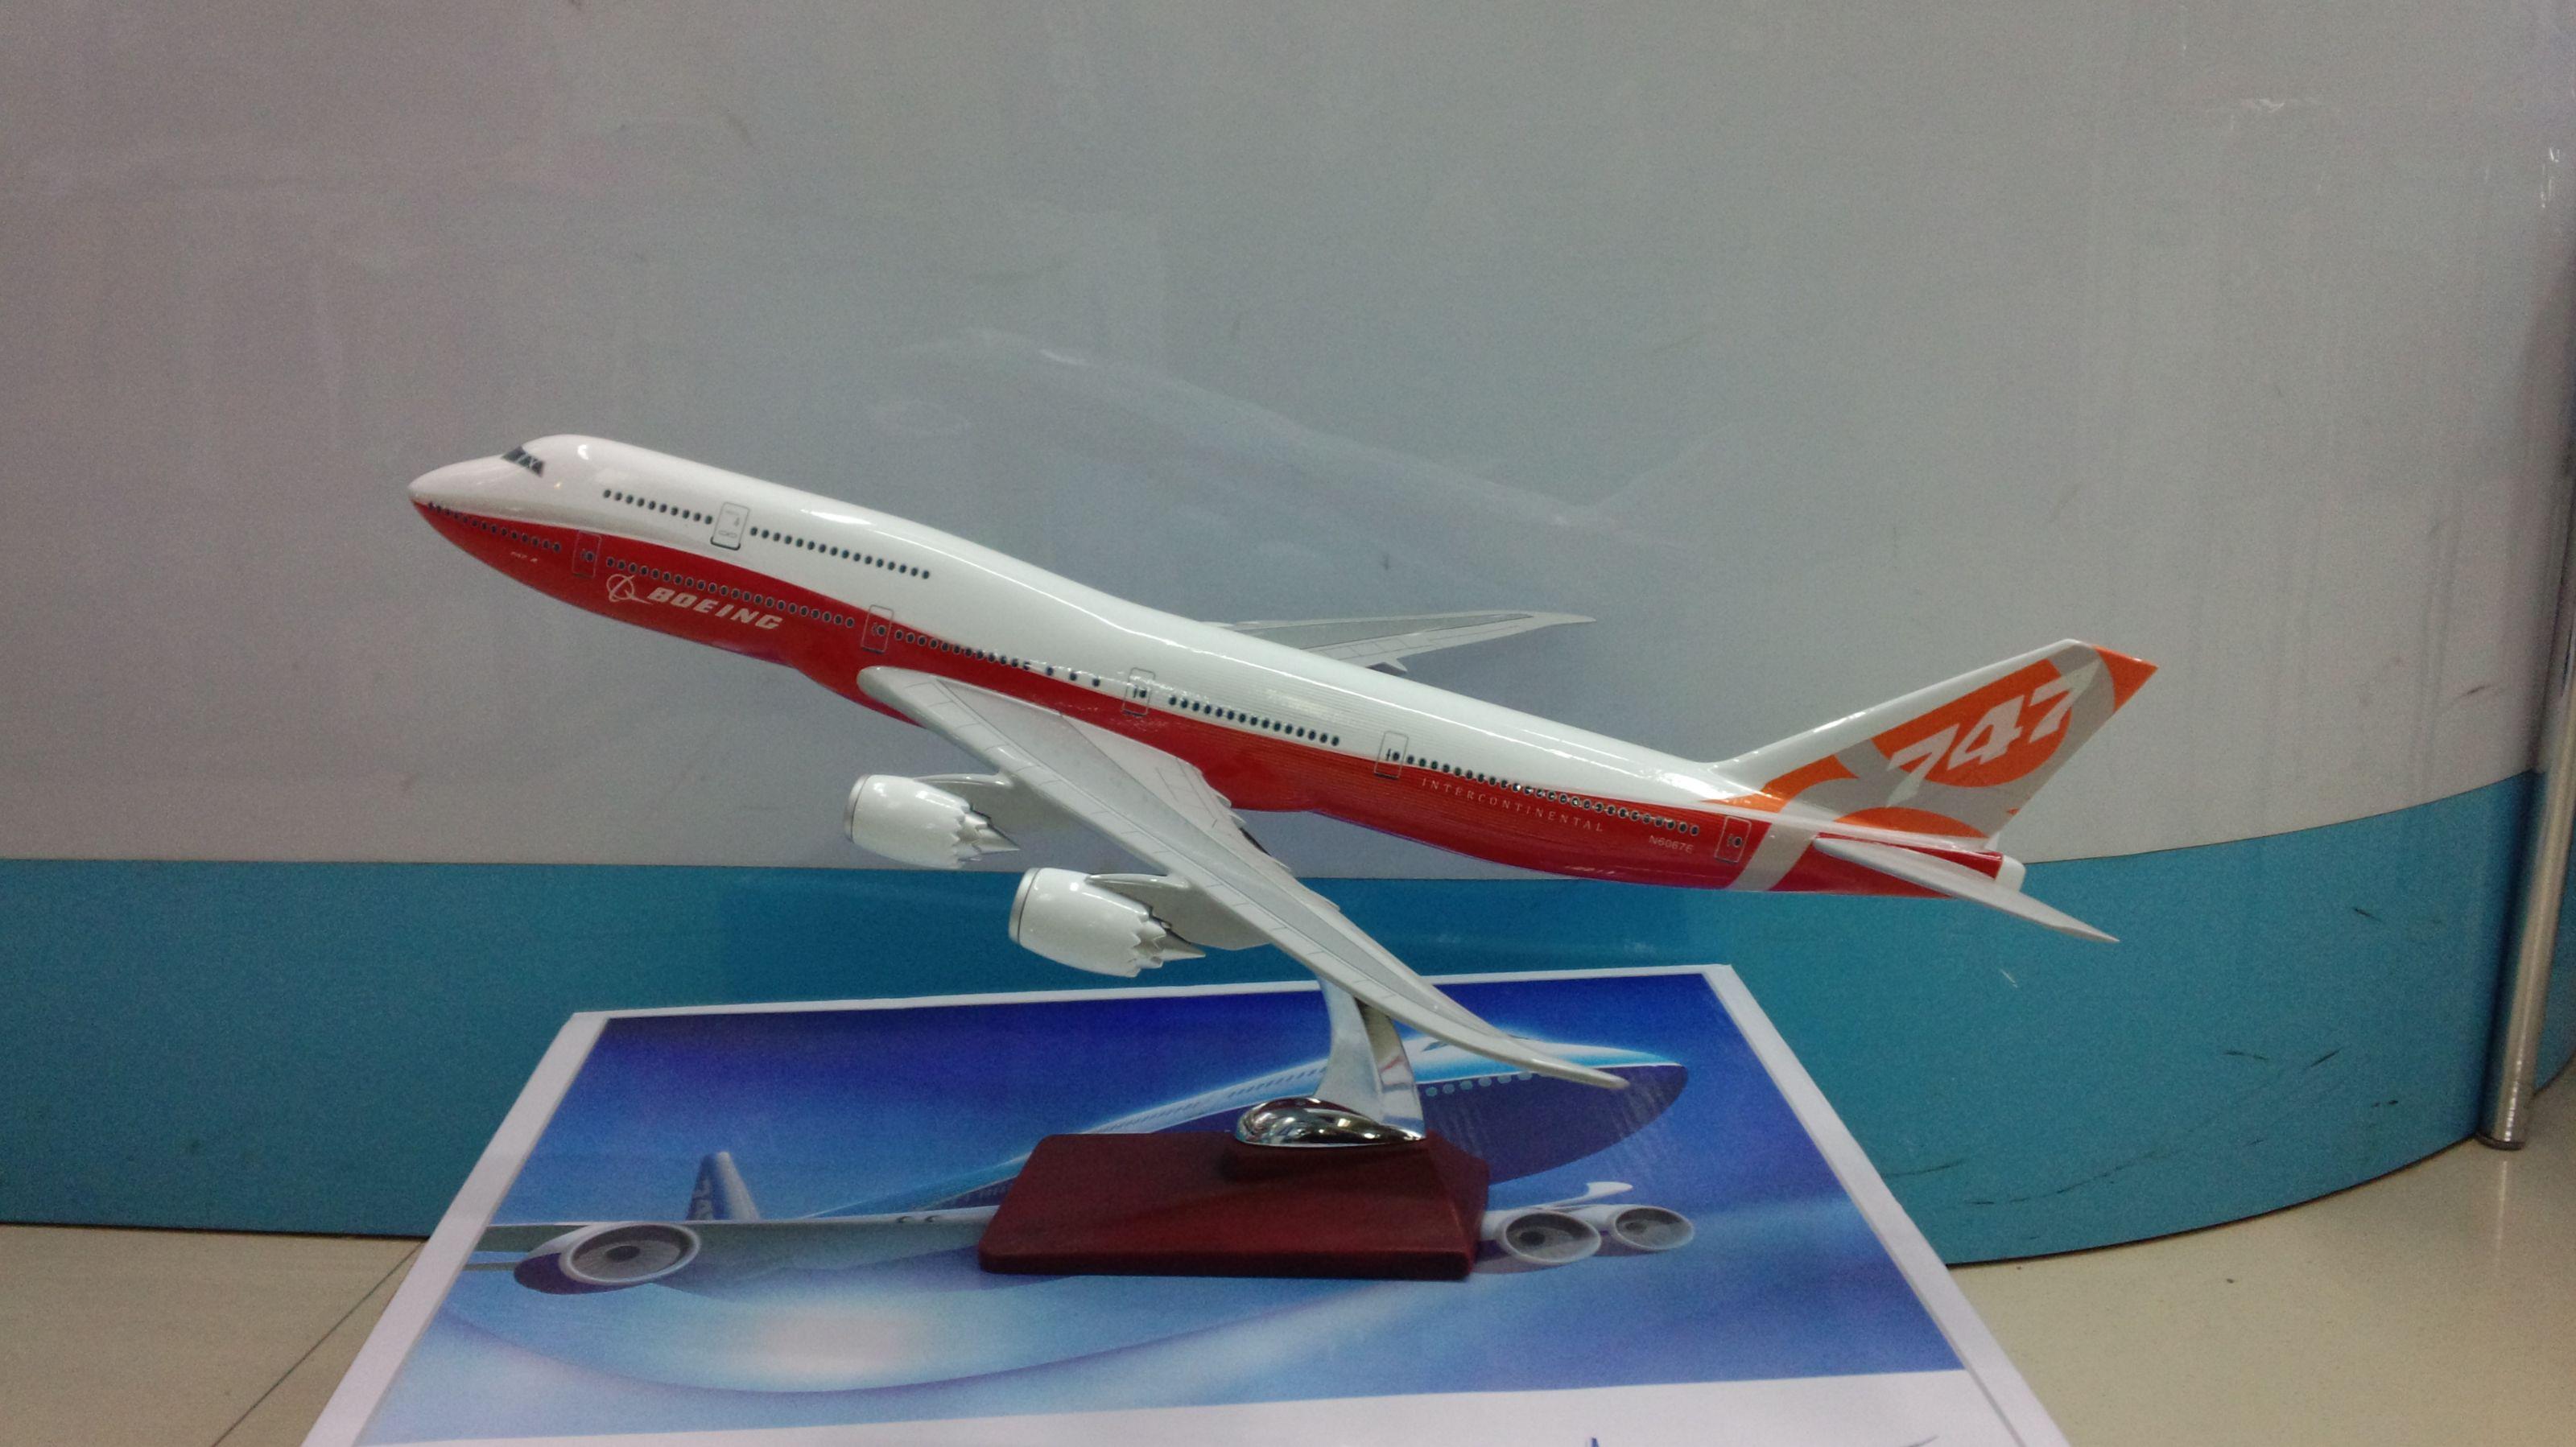 飞机模型(波音公司B747-8飞机)仿真飞机合成树脂飞机模型